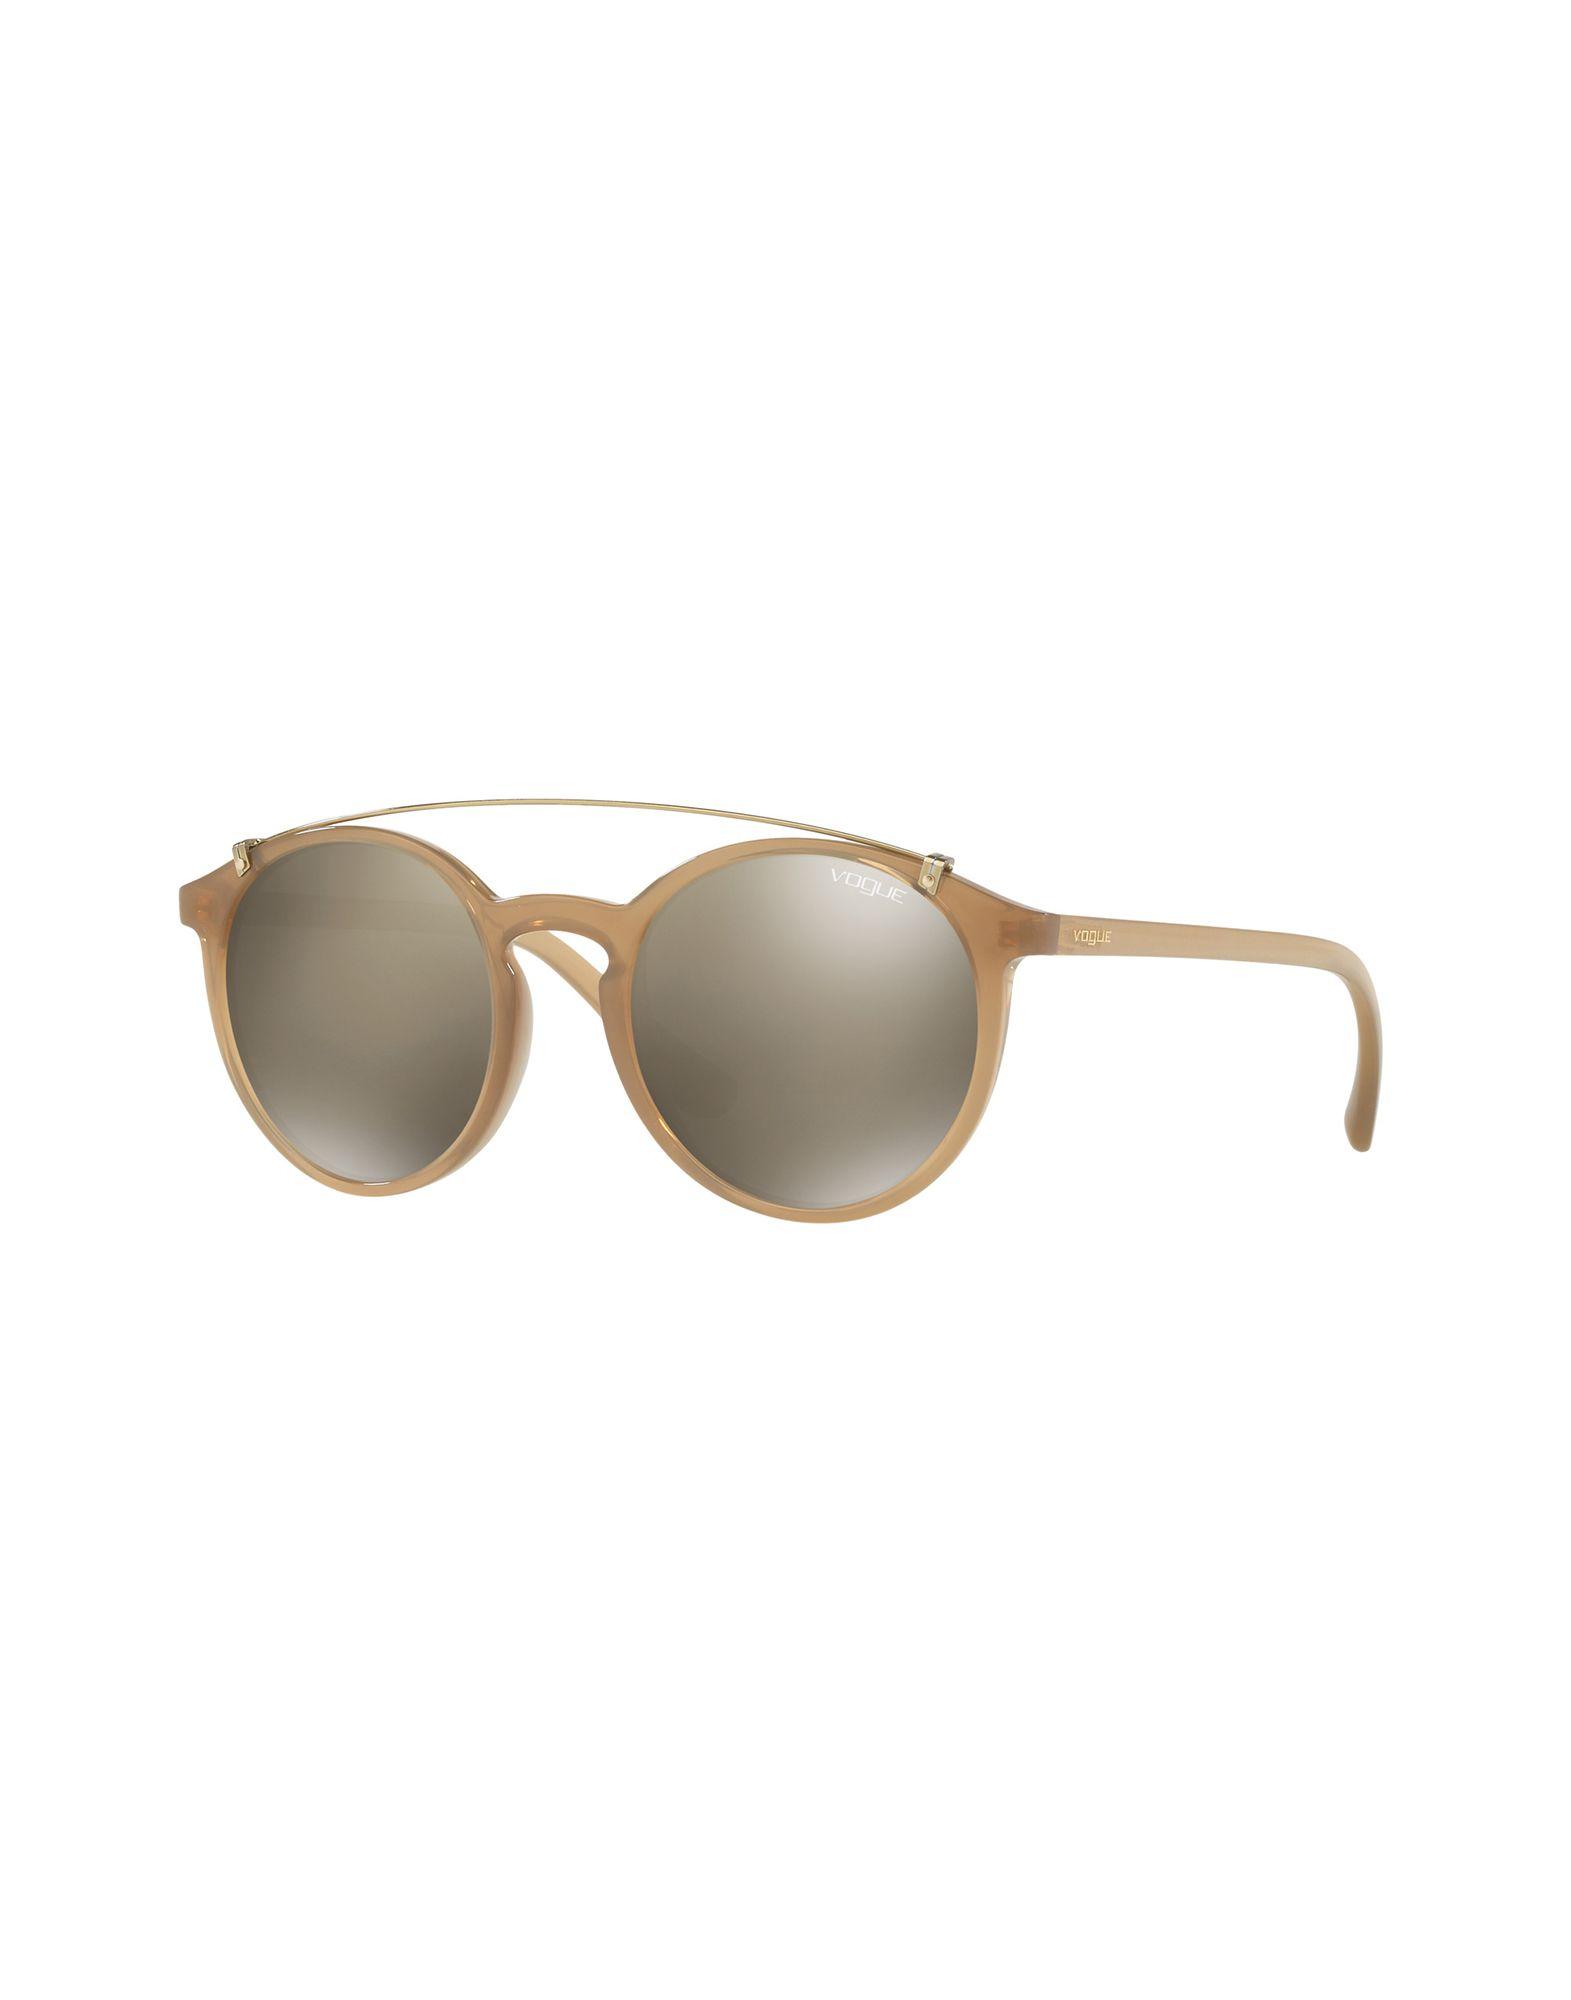 Occhiali Da Sole Vogue Vo5161s - Donna - Acquista online su